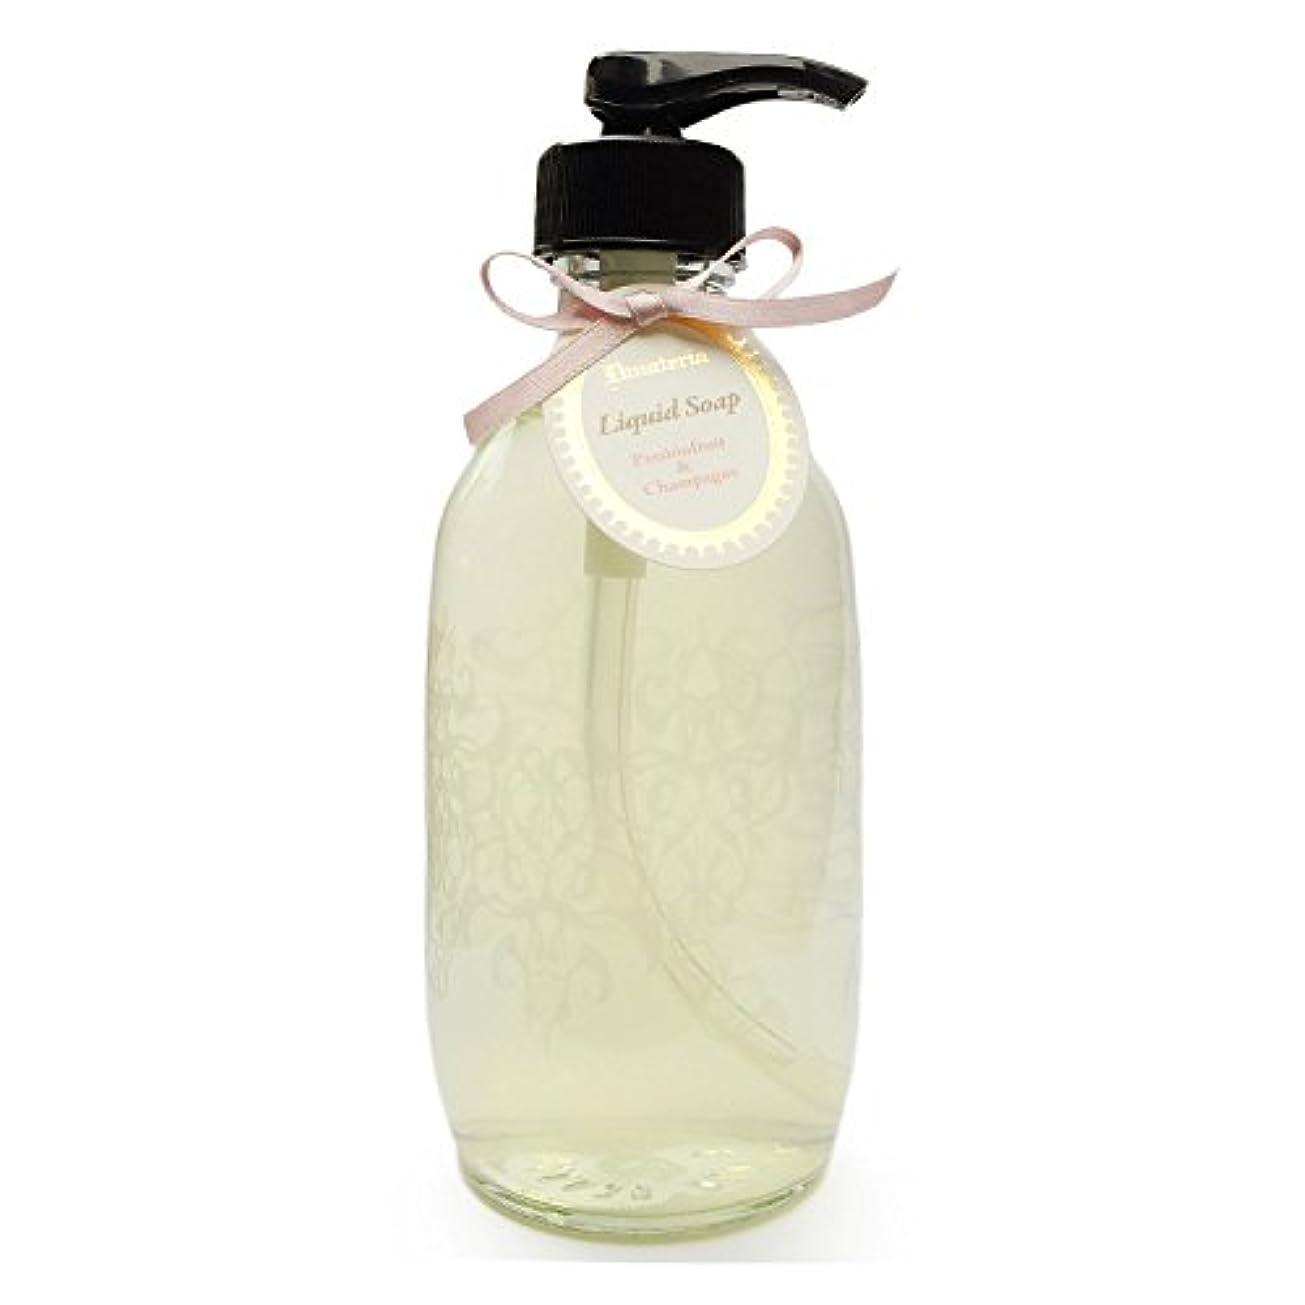 D materia リキッドソープ パッションフルーツ&シャンパン Passionfruit&Champagne Liquid Soap ディーマテリア